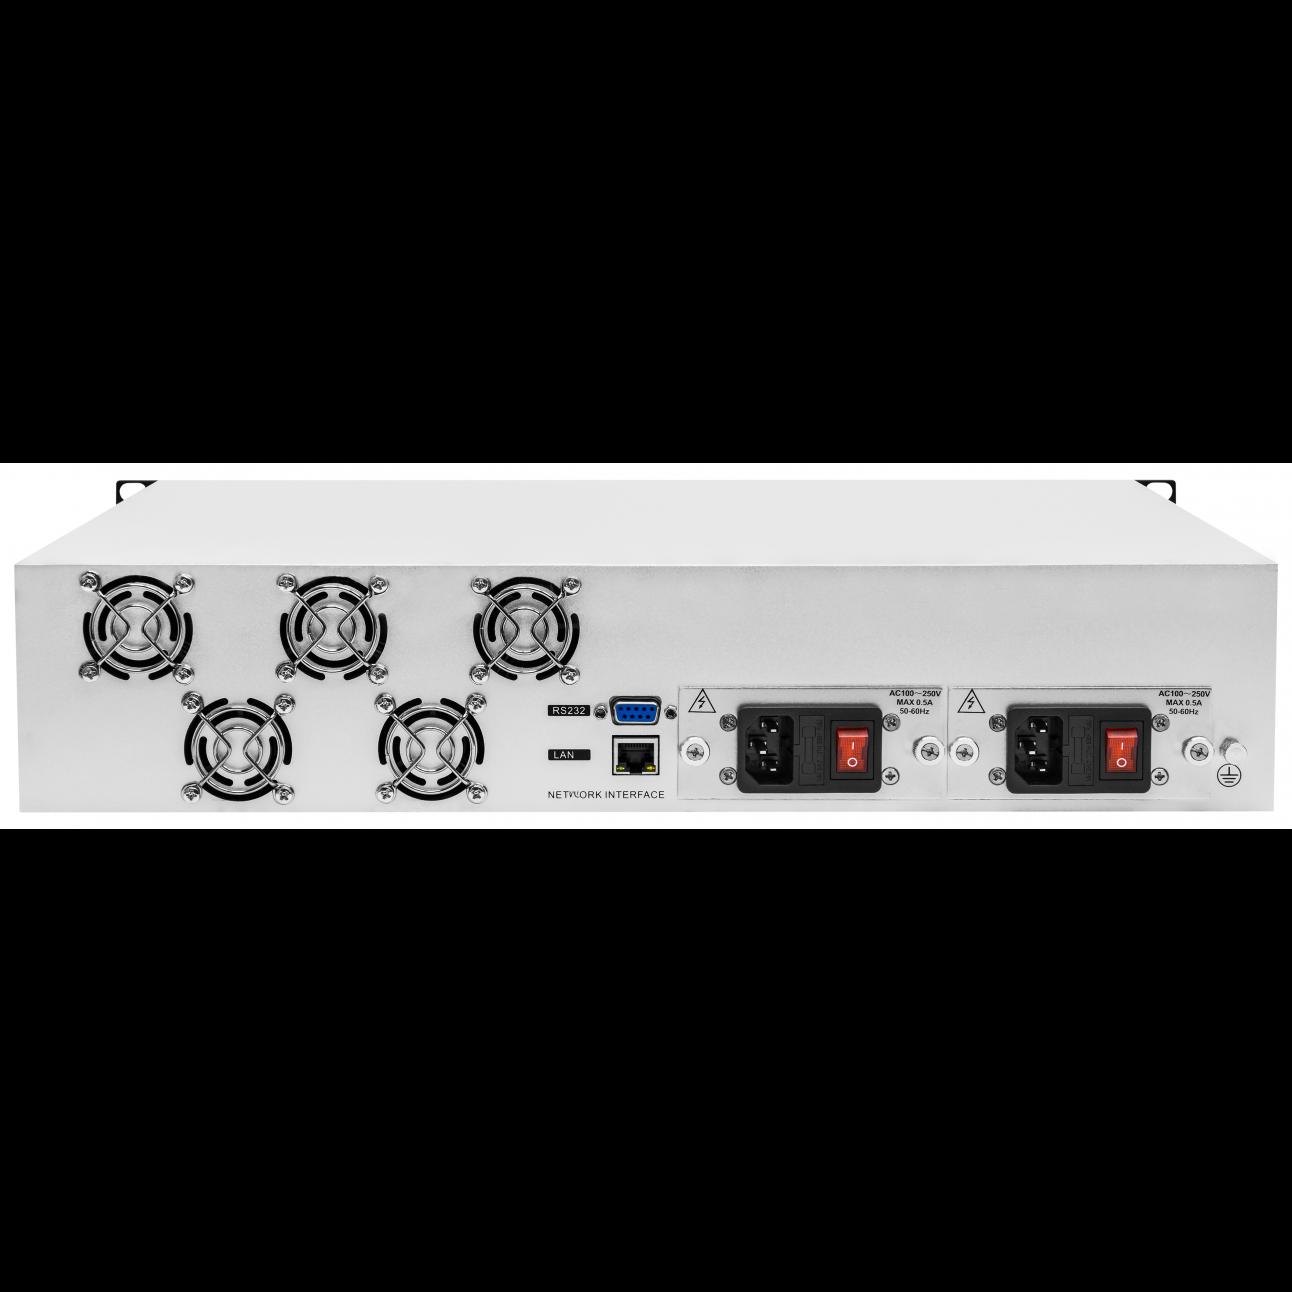 Оптический усилитель VERMAX для сетей КТВ, 16*17dBm, WDM фильтр PON